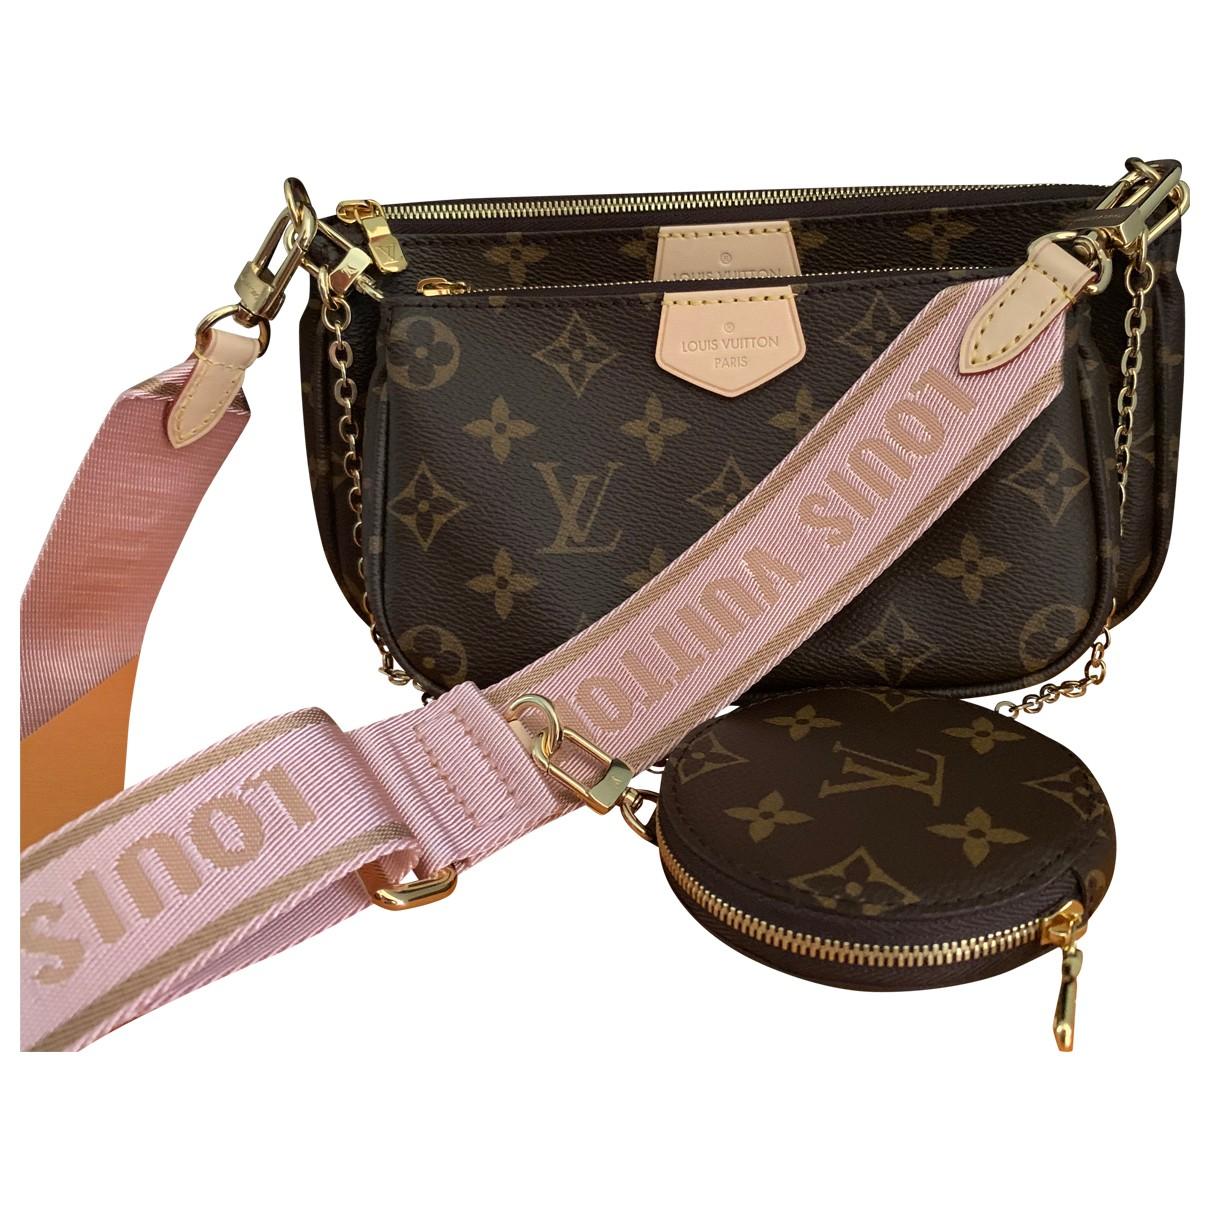 Louis Vuitton - Sac a main Multi Pochette Access pour femme en toile - marron